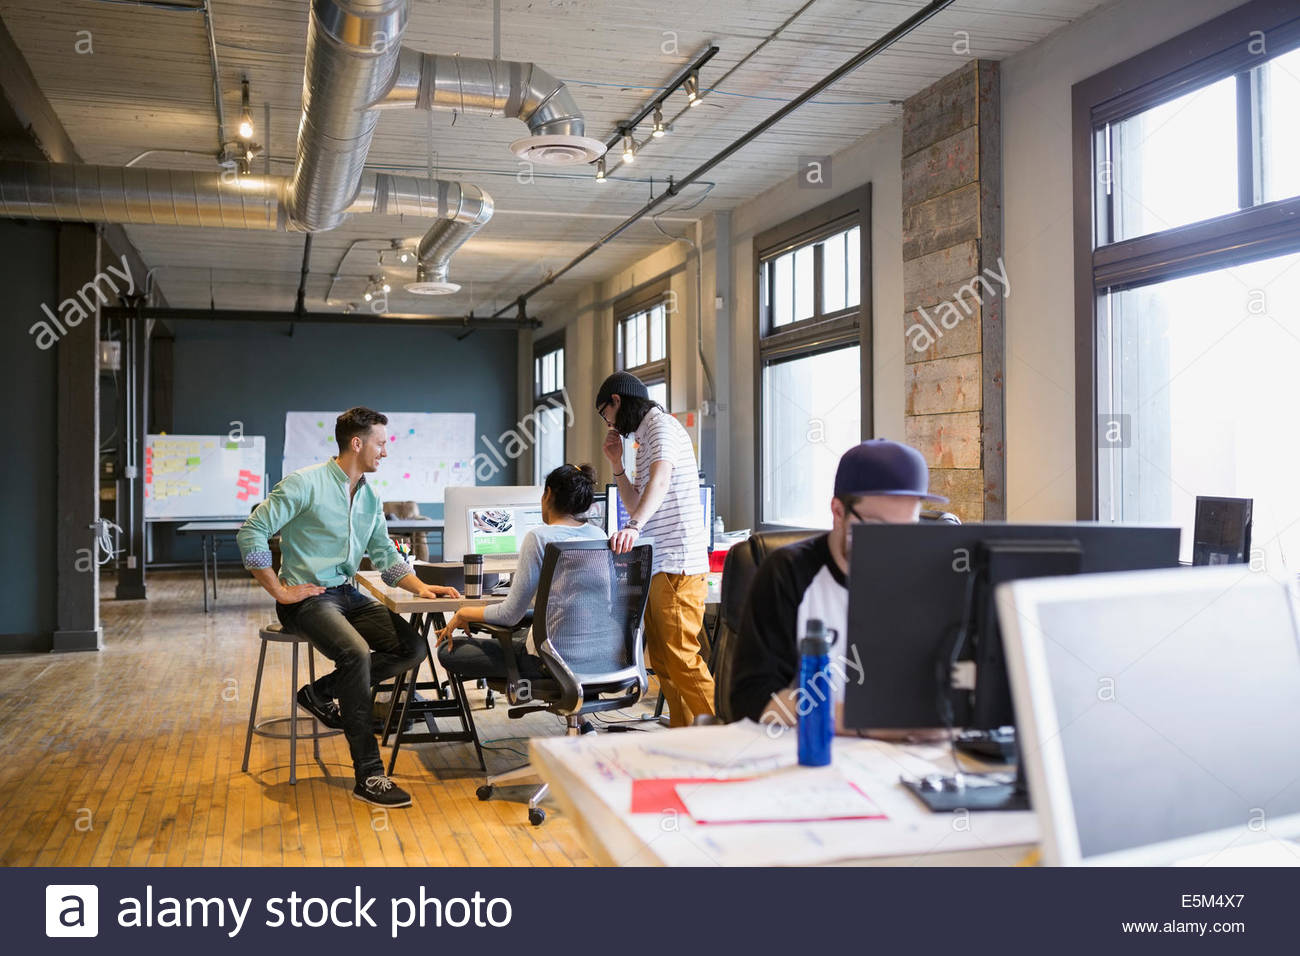 Attività creativa di persone che lavorano in ufficio Immagini Stock